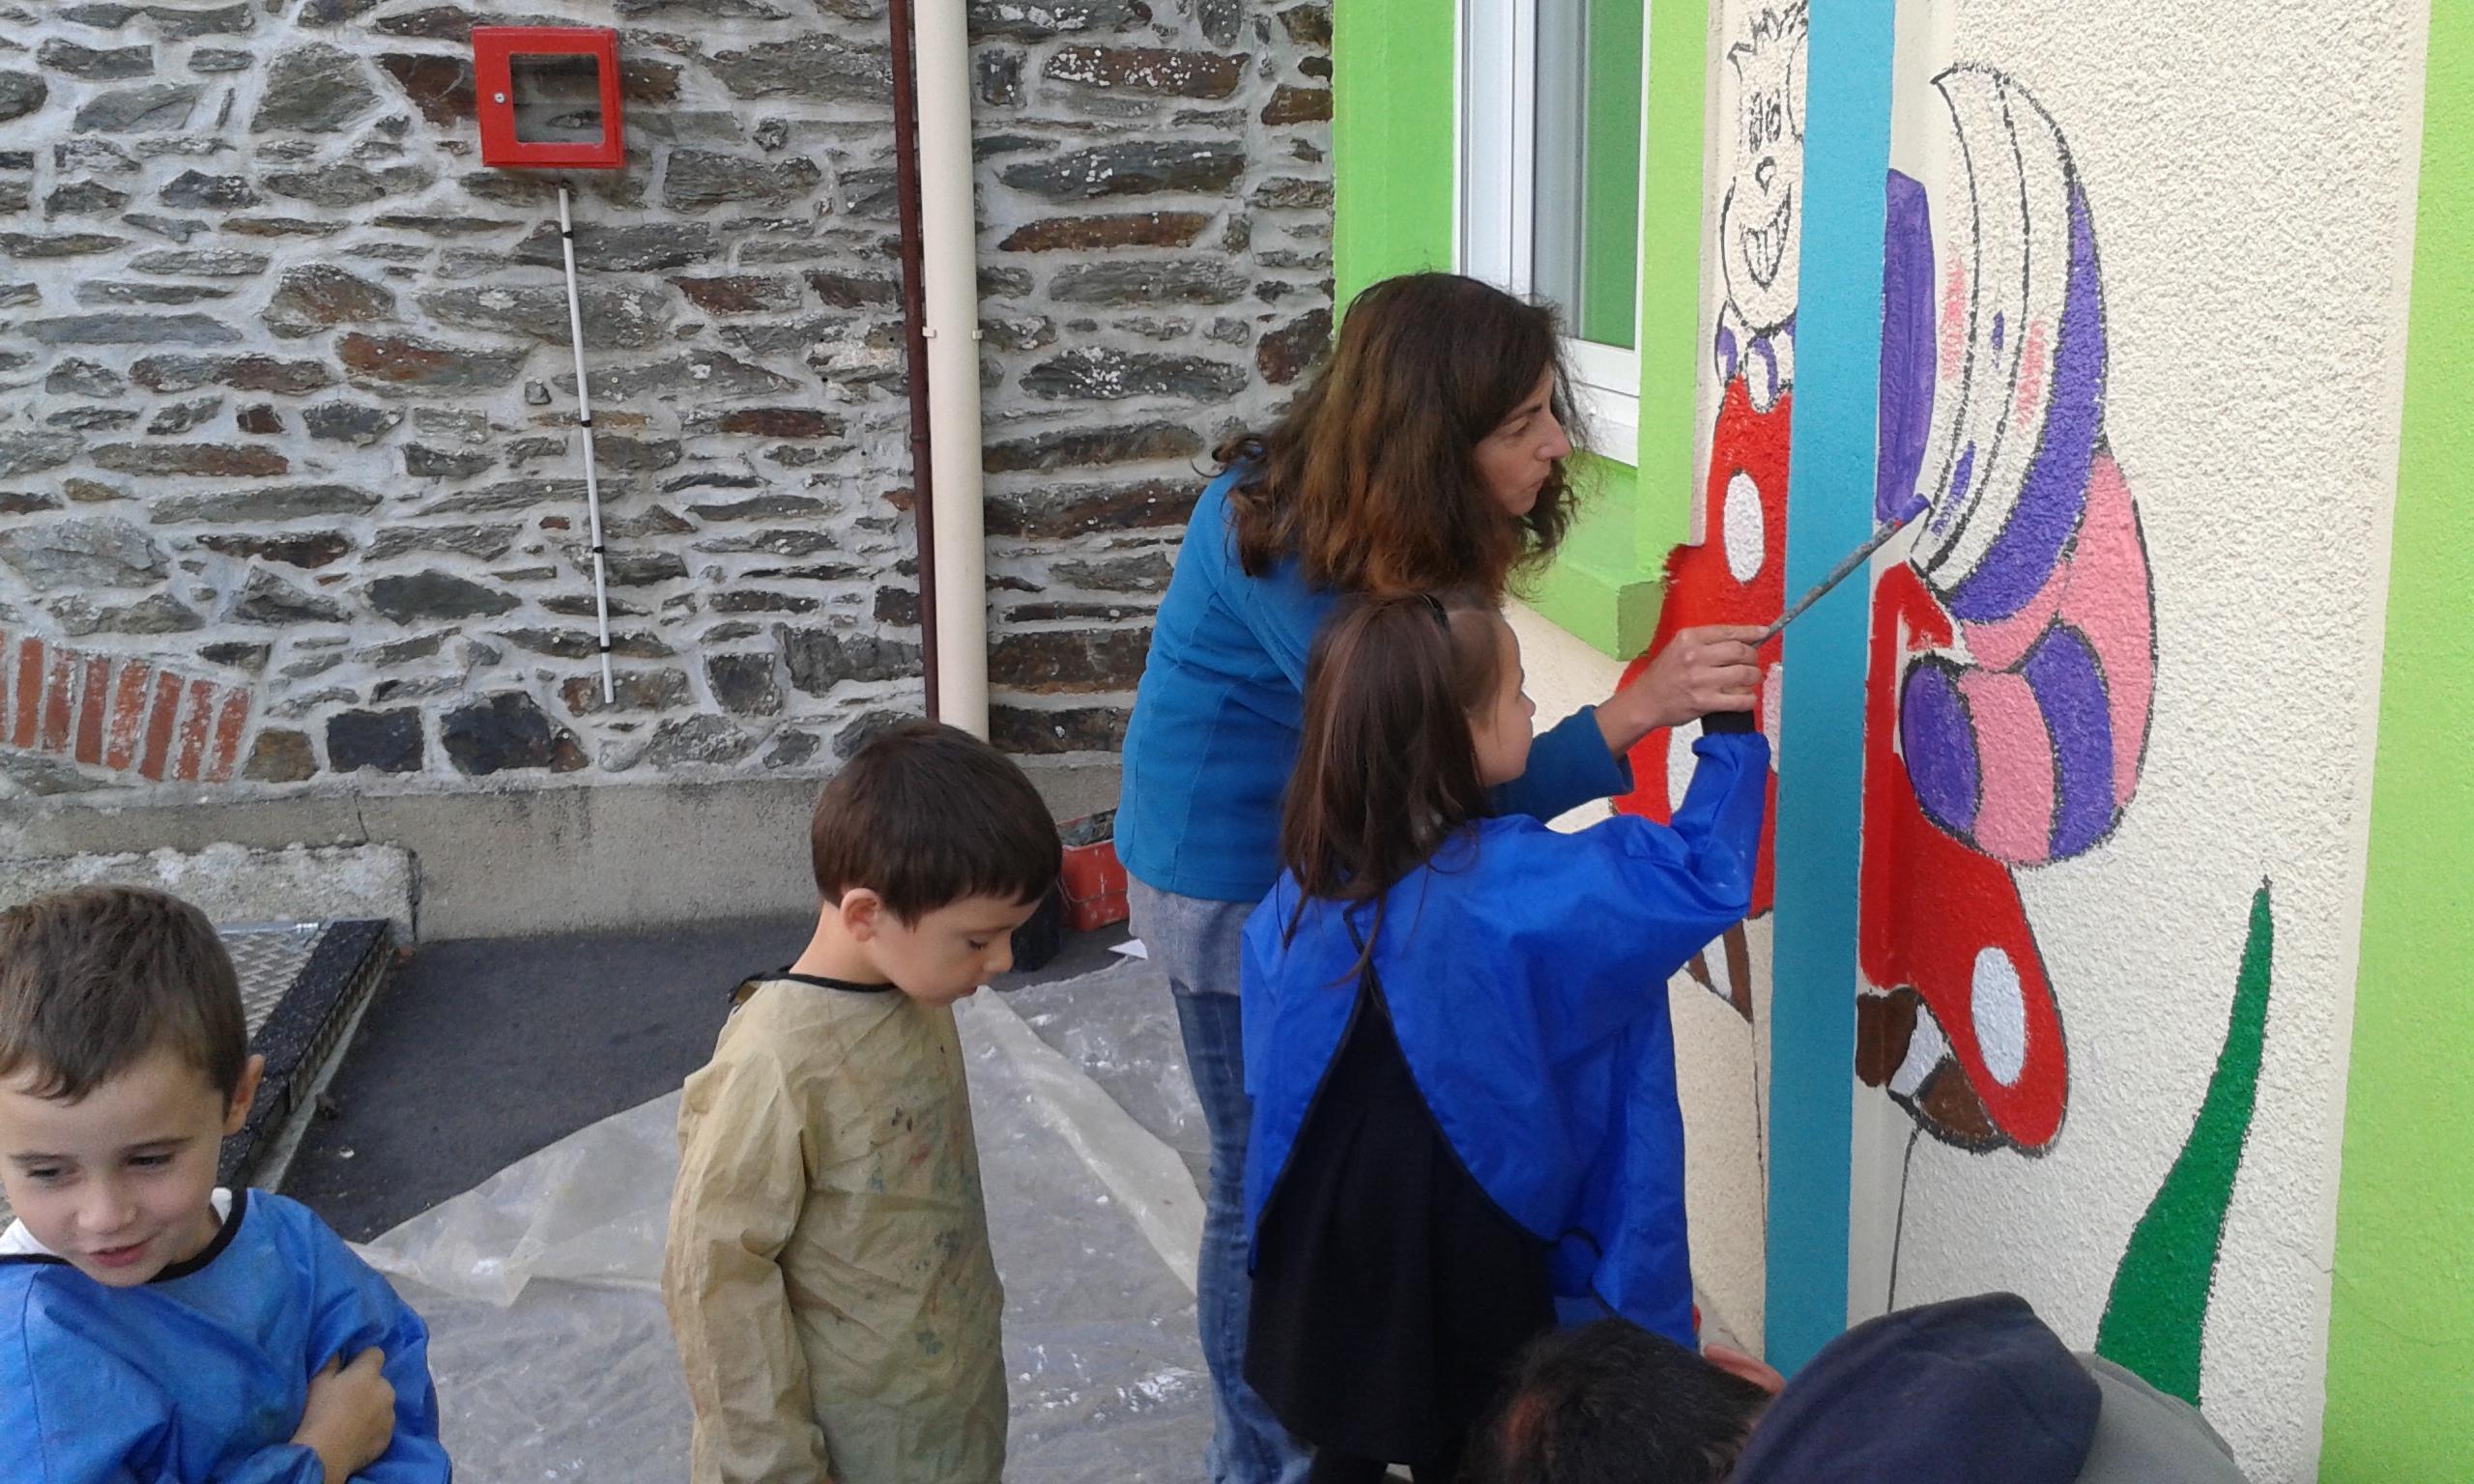 Peindre Une Fresque Sur Un Mur peindre une fresque pour décorer les murs de l'école - ecole